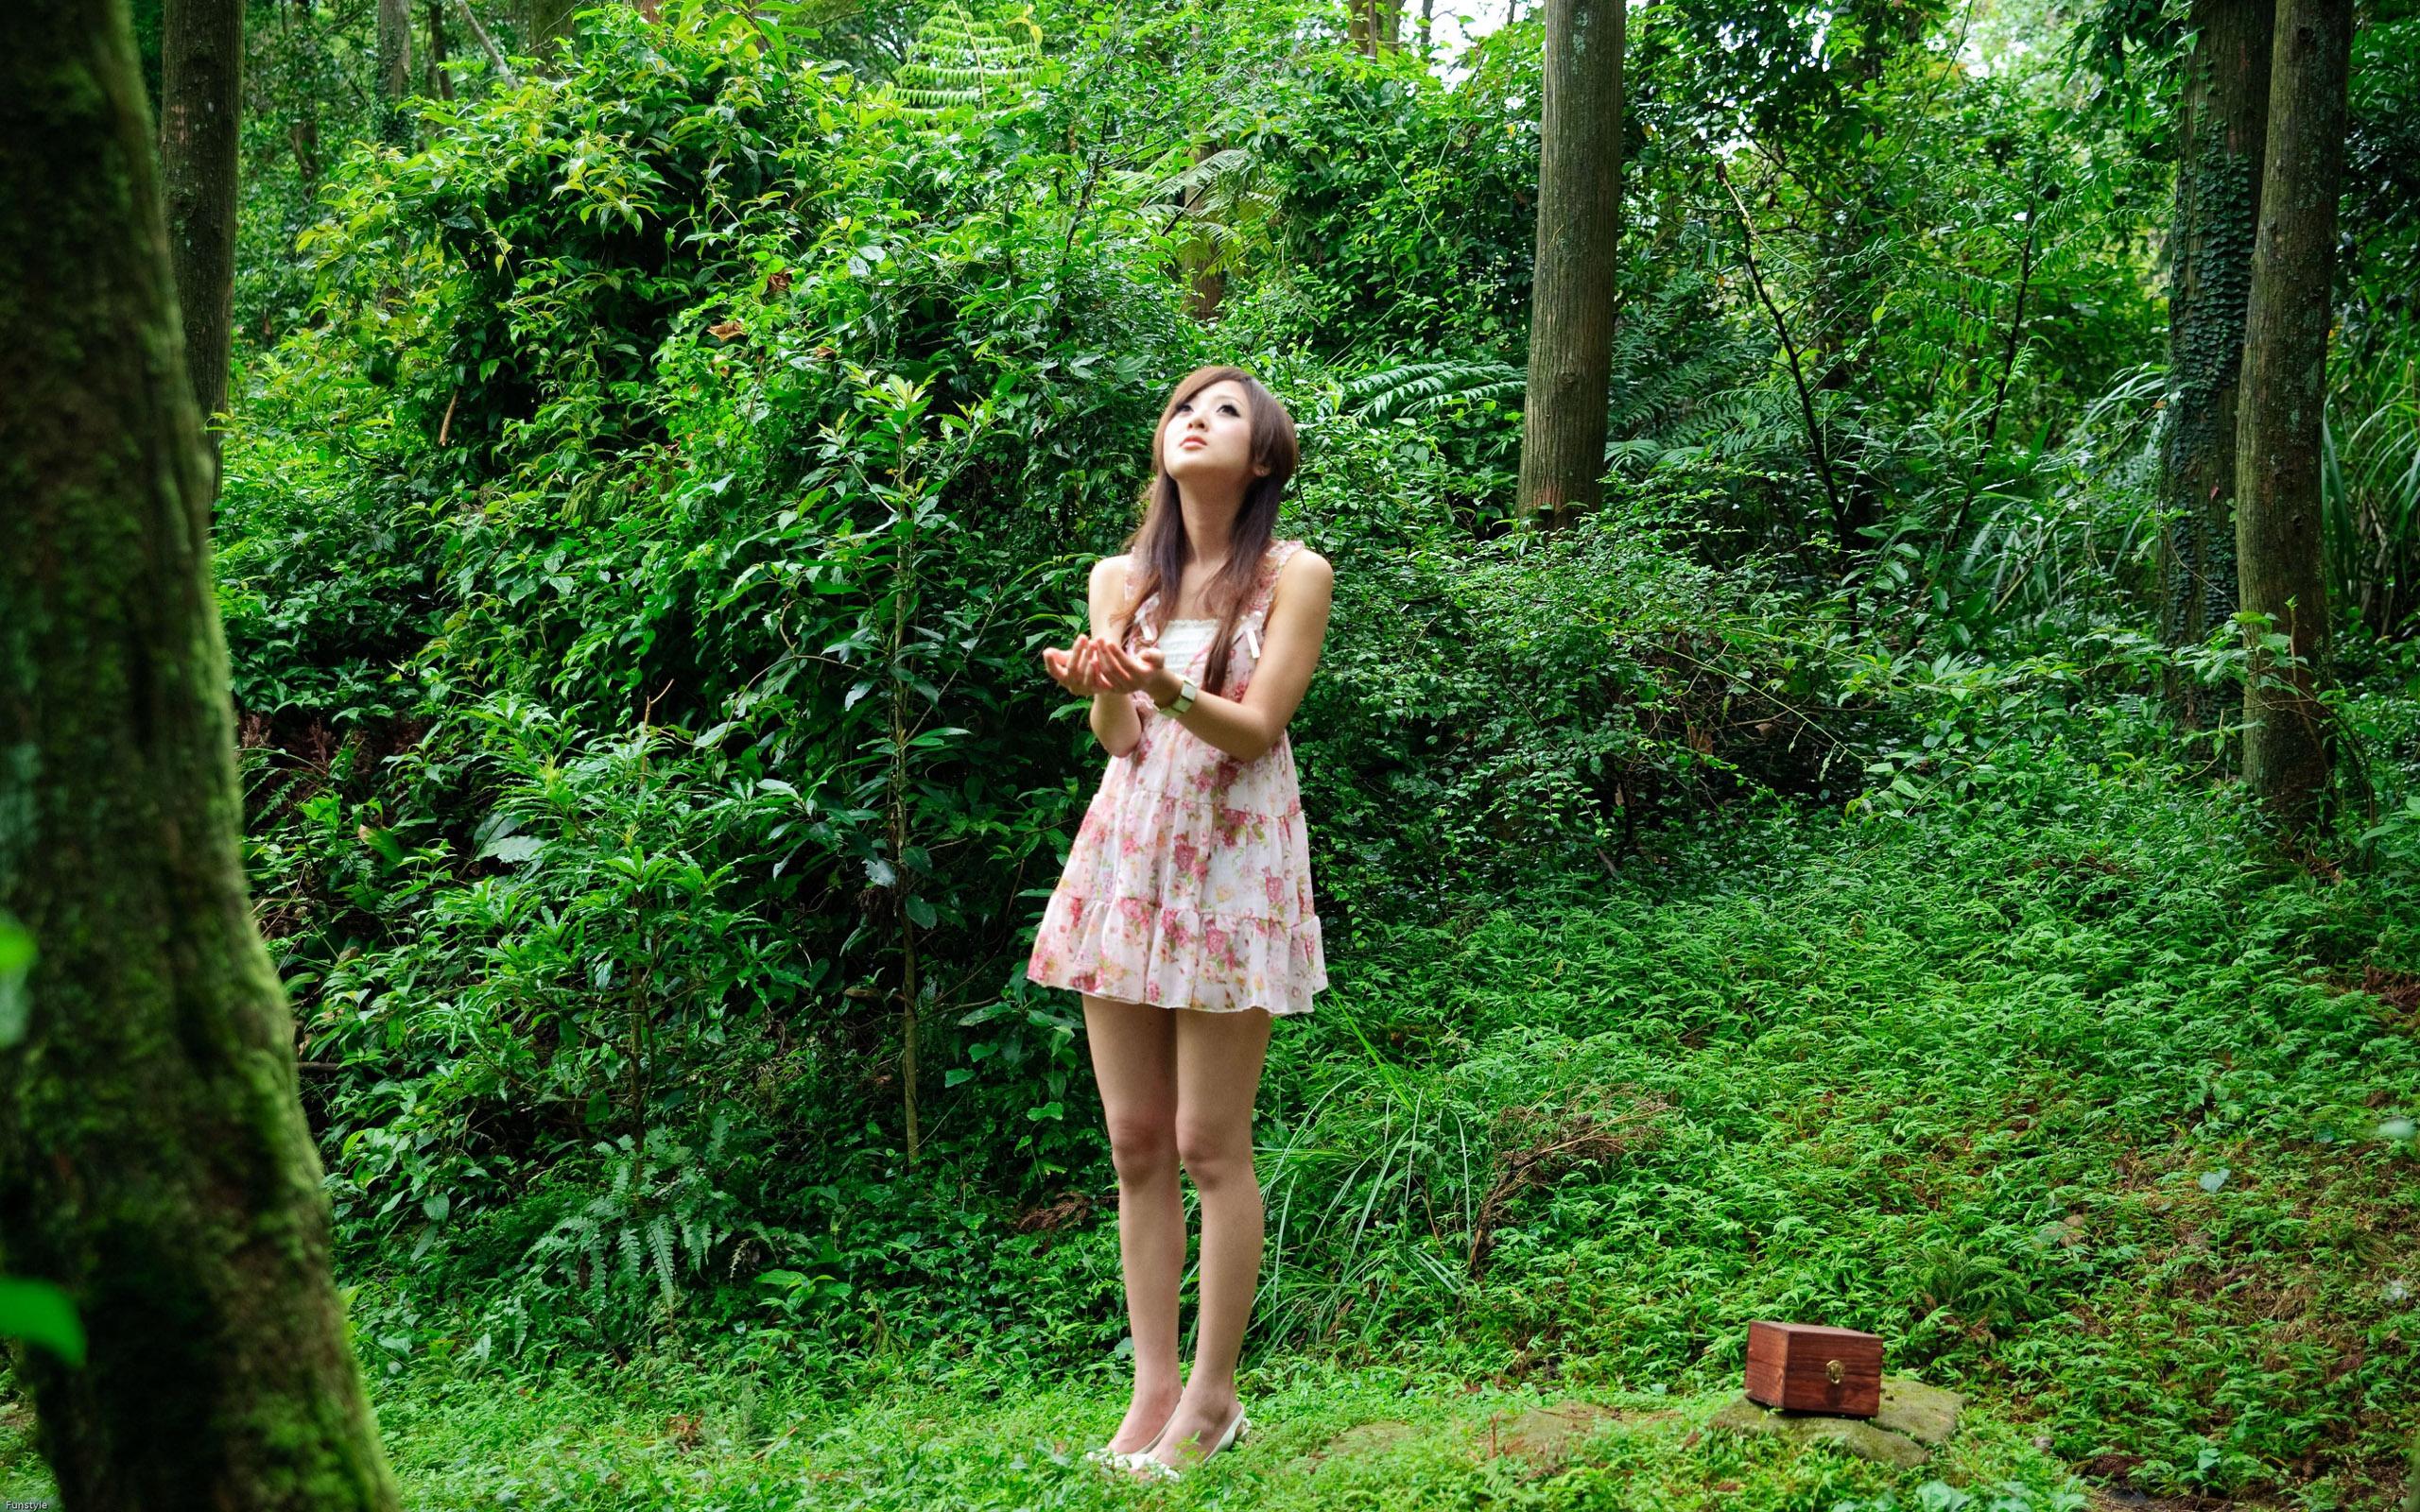 brunettes women nature dress outdoors asians Mikako Zhang 2560x1600